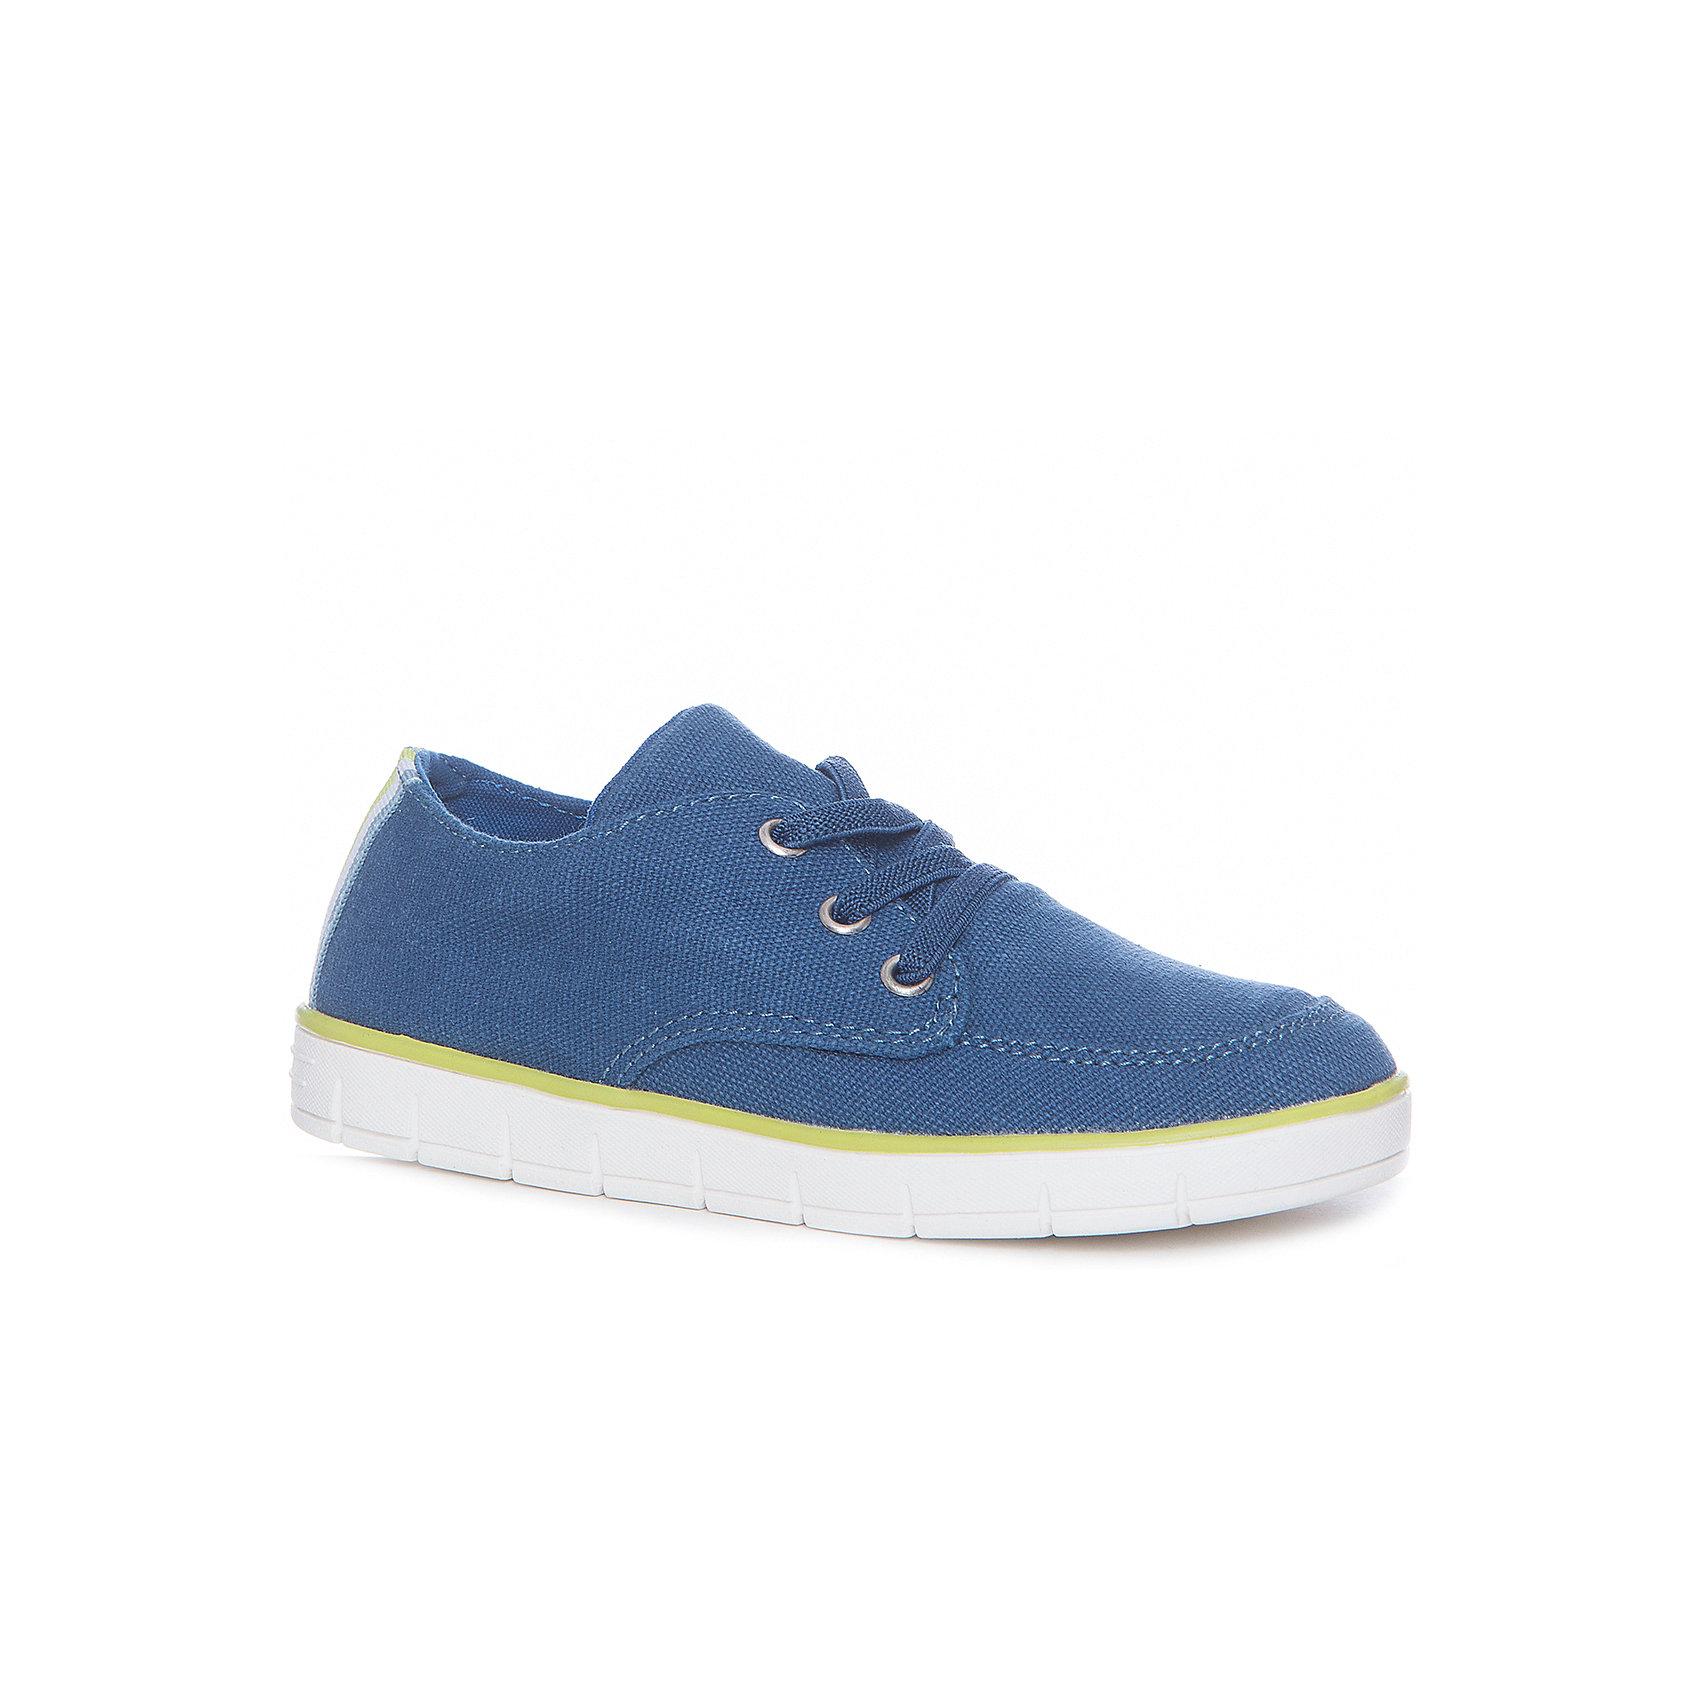 Кеды для мальчика GulliverКеды<br>Кеды, кроссовки, слипоны… С каждым днем спортивная обувь занимает все больше места в нашем шкафу, вытесняя привычные сандалии  и туфли. Синие текстильные кеды - модель на все случаи жизни! Они отлично завершат любой образ в спортивном и casual стиле, придав ему динамику и индивидуальность. Стильный дизайн, удобная форма, дышащий материал подкладки и верха - что еще  нужно для  того, чтобы провести с комфортом? Если вы хотите купить текстильные кеды для мальчика, эта модель - отличный выбор!<br>Состав:<br>Верх: канвас<br>подкладка: хлопок<br>стелька: канвас<br>подошва: резина<br><br>Ширина мм: 250<br>Глубина мм: 150<br>Высота мм: 150<br>Вес г: 250<br>Цвет: синий<br>Возраст от месяцев: 72<br>Возраст до месяцев: 84<br>Пол: Мужской<br>Возраст: Детский<br>Размер: 30,36,31,32,33,34,35<br>SKU: 5482996